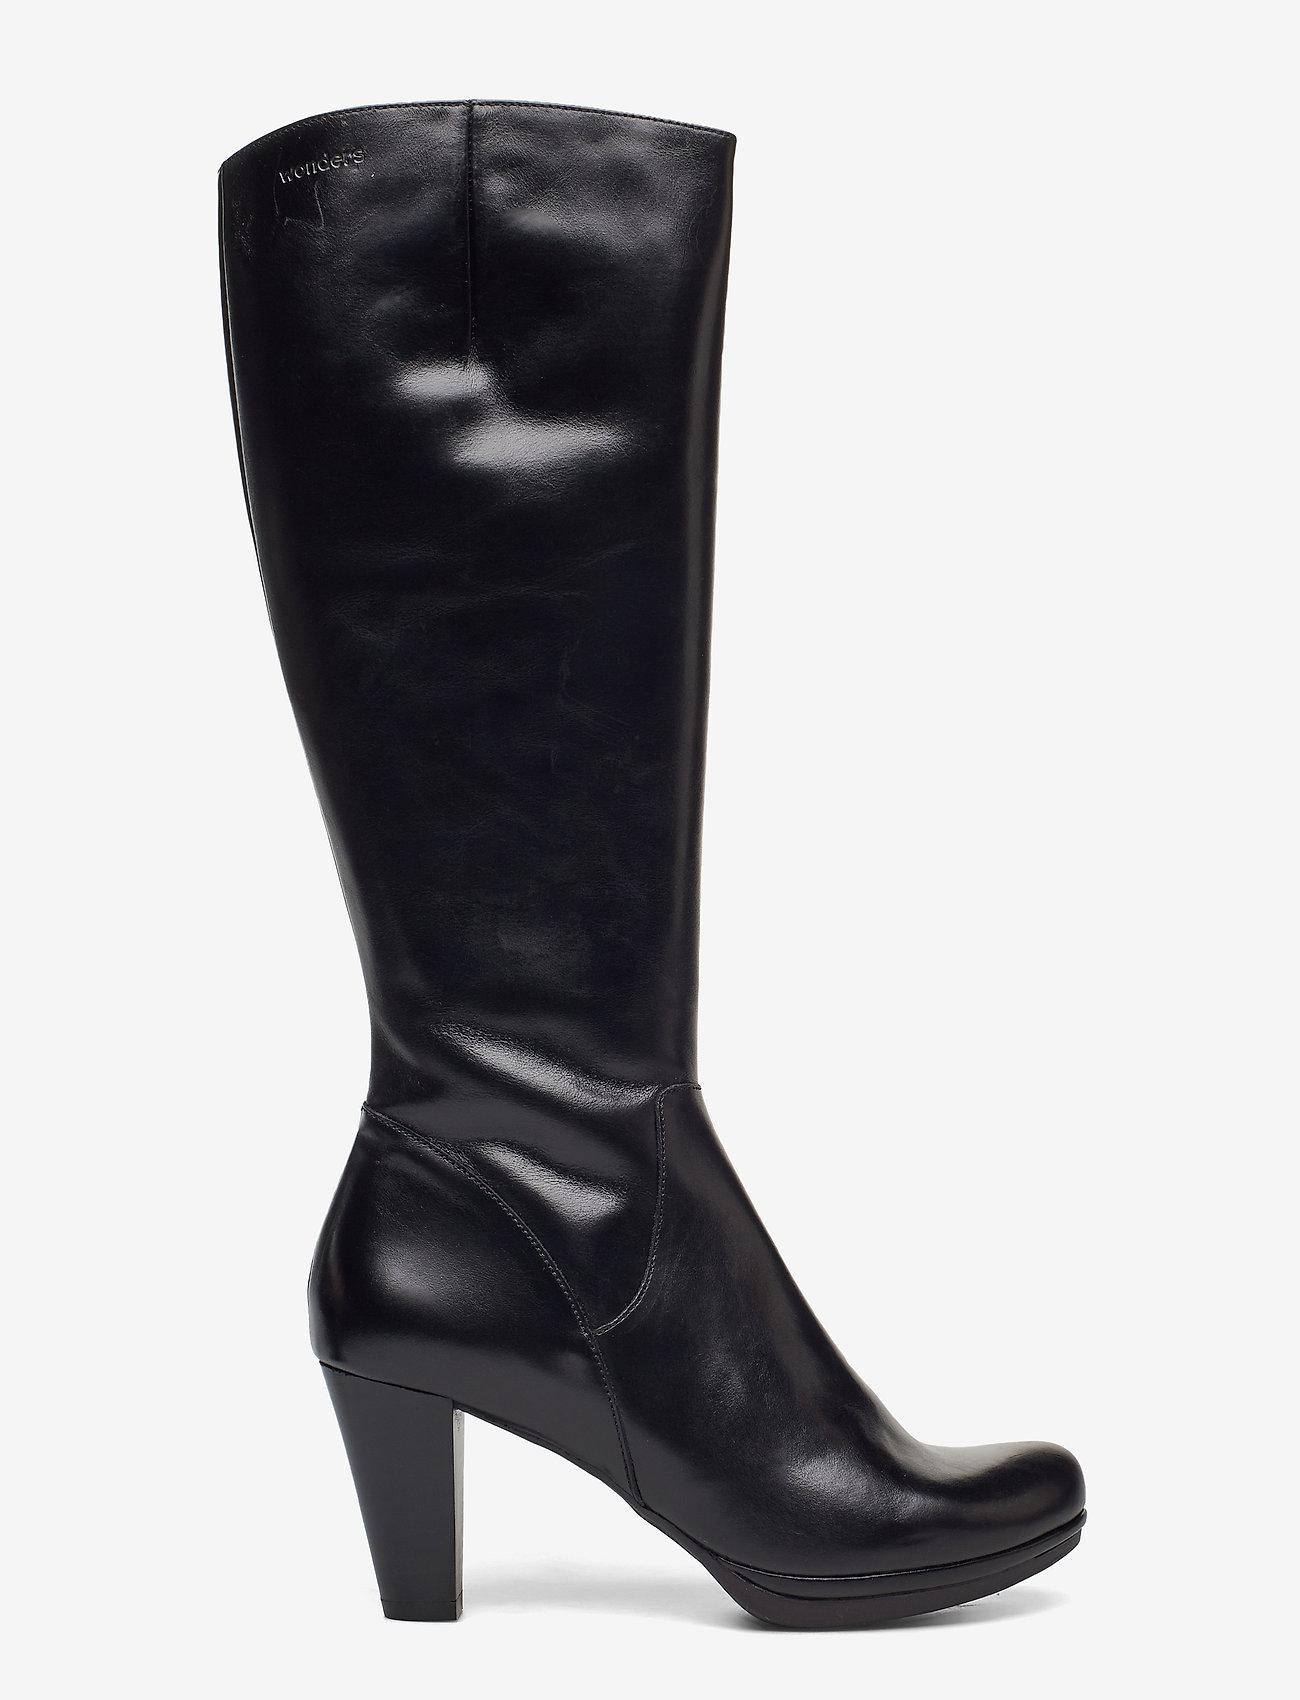 Wonders - I-4930 - lange laarzen - black - 1